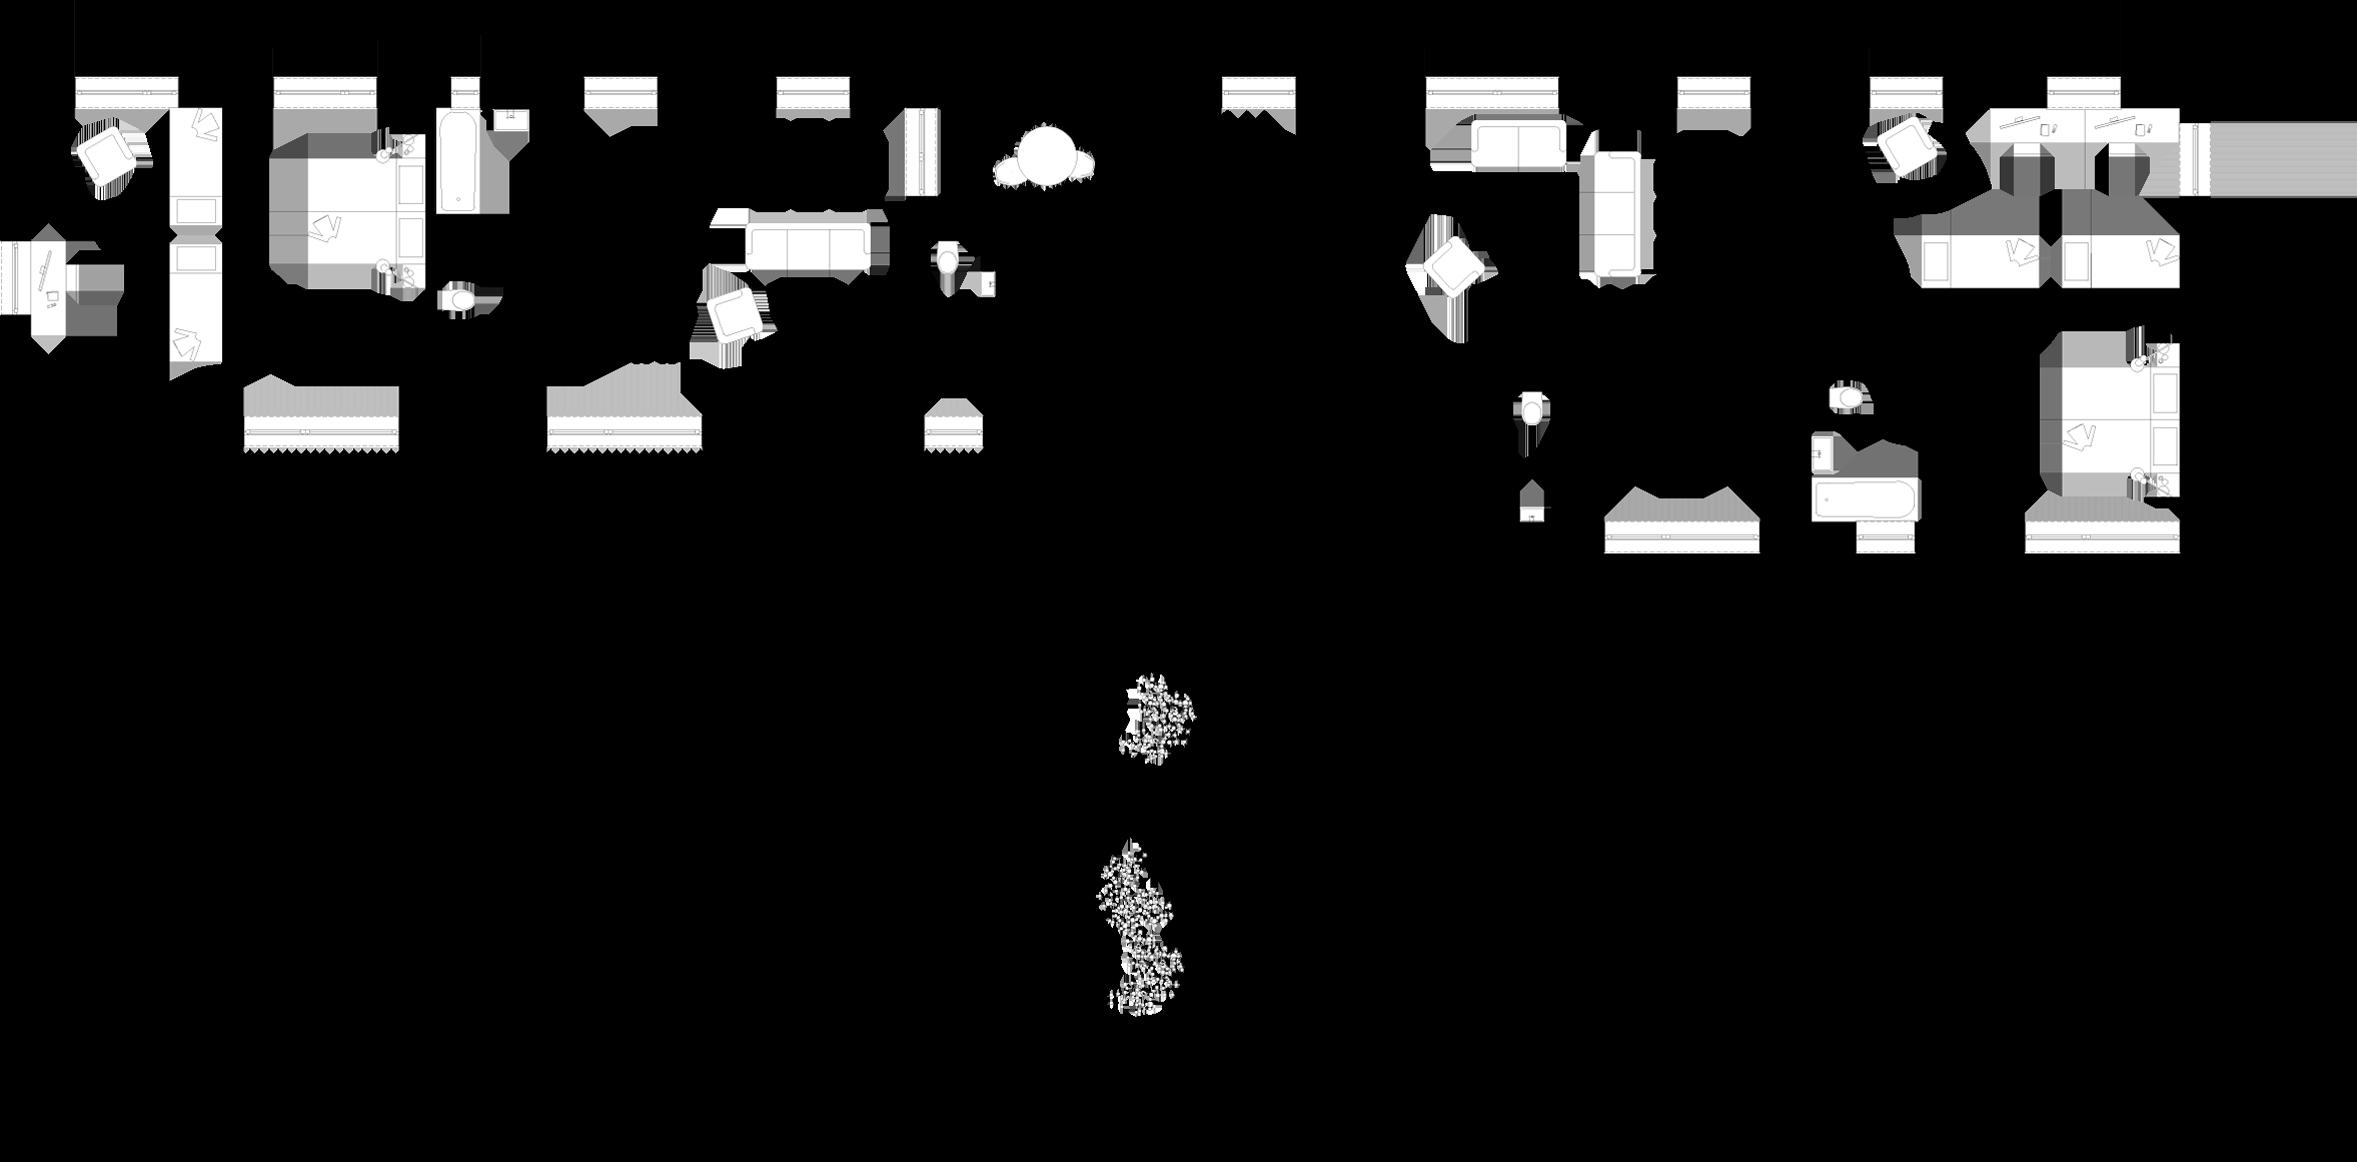 SO-01.A1 – 4. NP